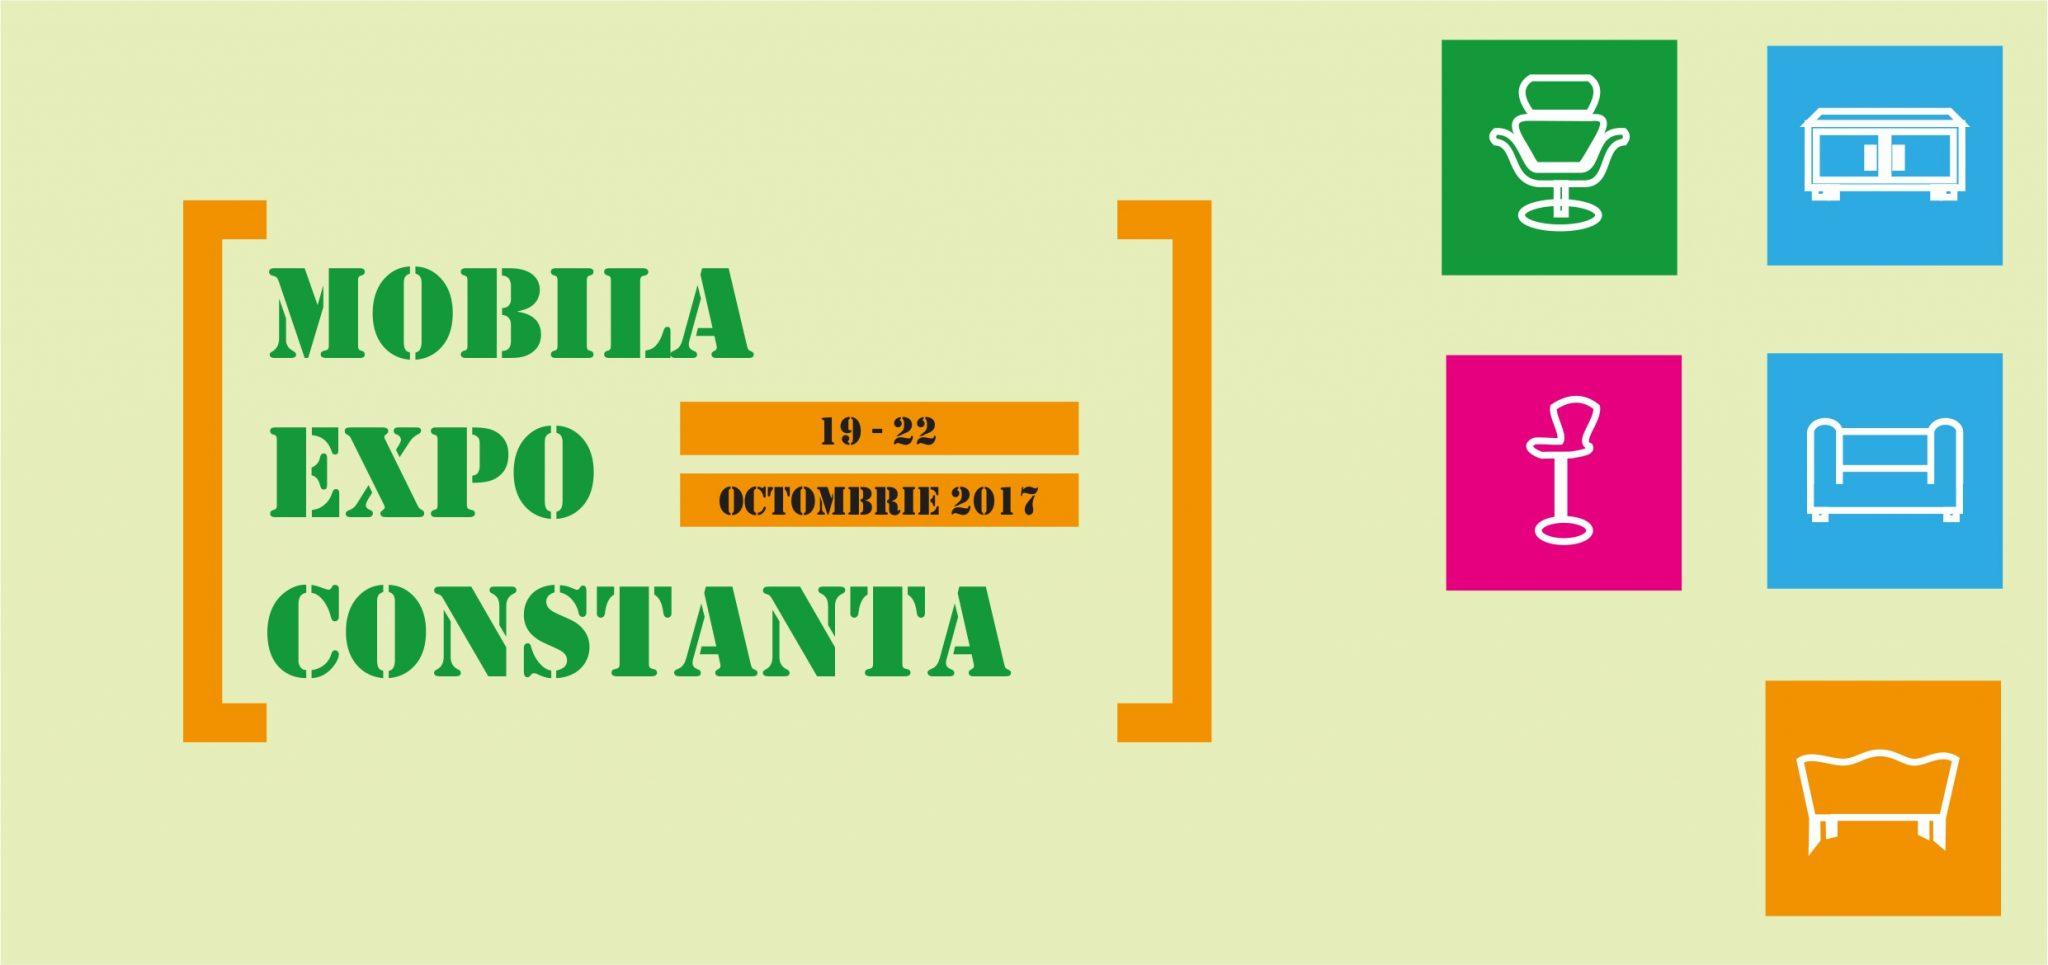 Mobila Expo Constanța 2017 expune mobila românească de calitate. Producătorii și distribuitorii membri APMR participă la târgul Mobila Expo Constanța 2017.